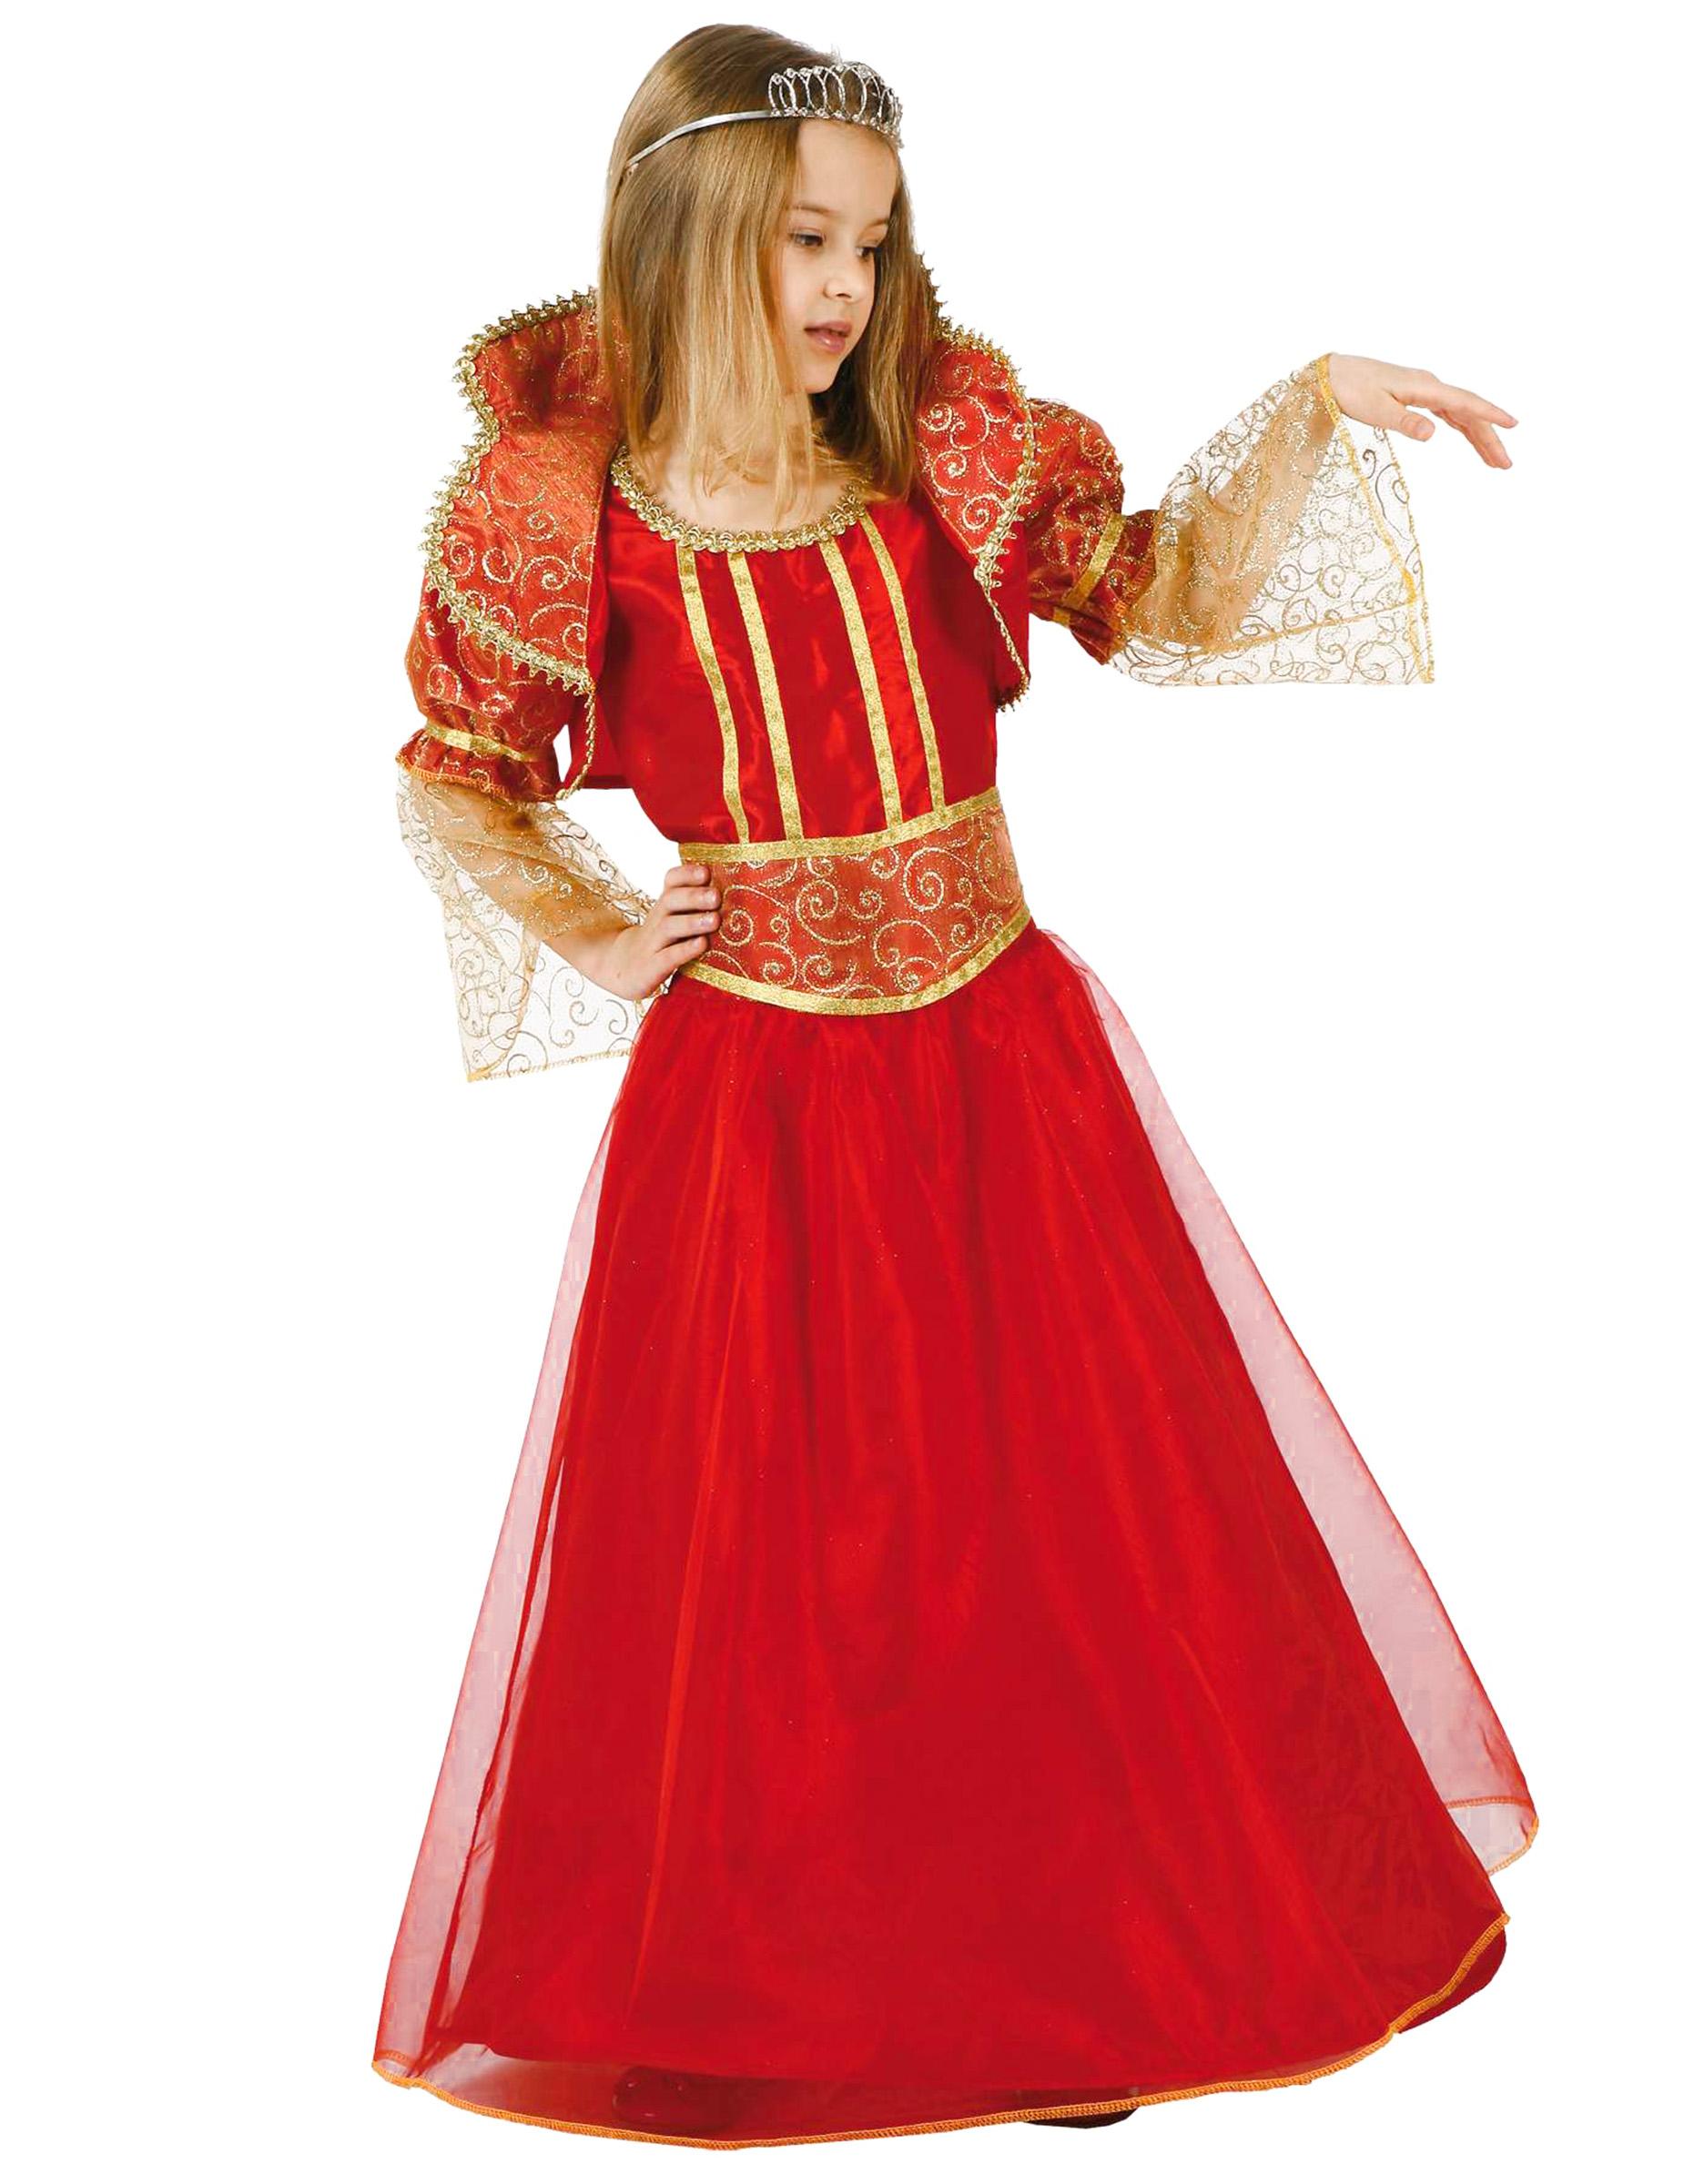 Vestito Carnevale Rosso – Galleria di immagini degli accessori a7eceb121ae7